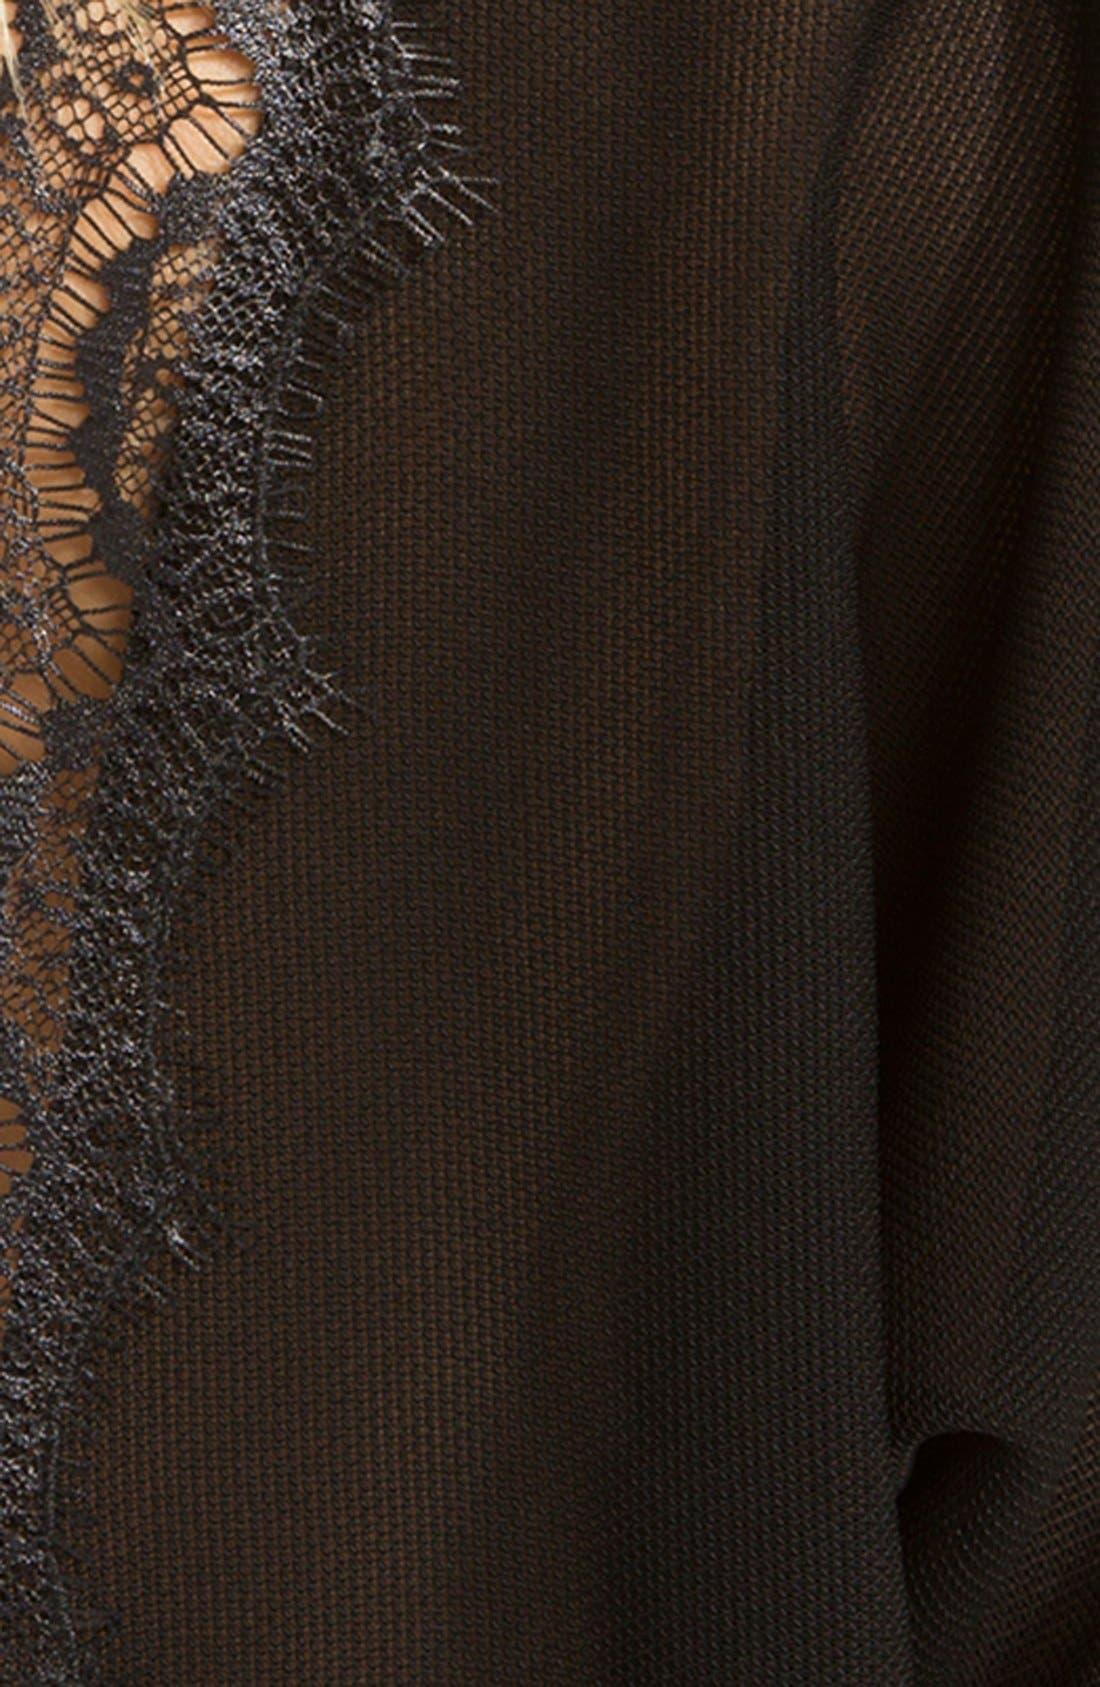 Alternate Image 3  - sandro 'Etincelle' Lace Trim Blouse